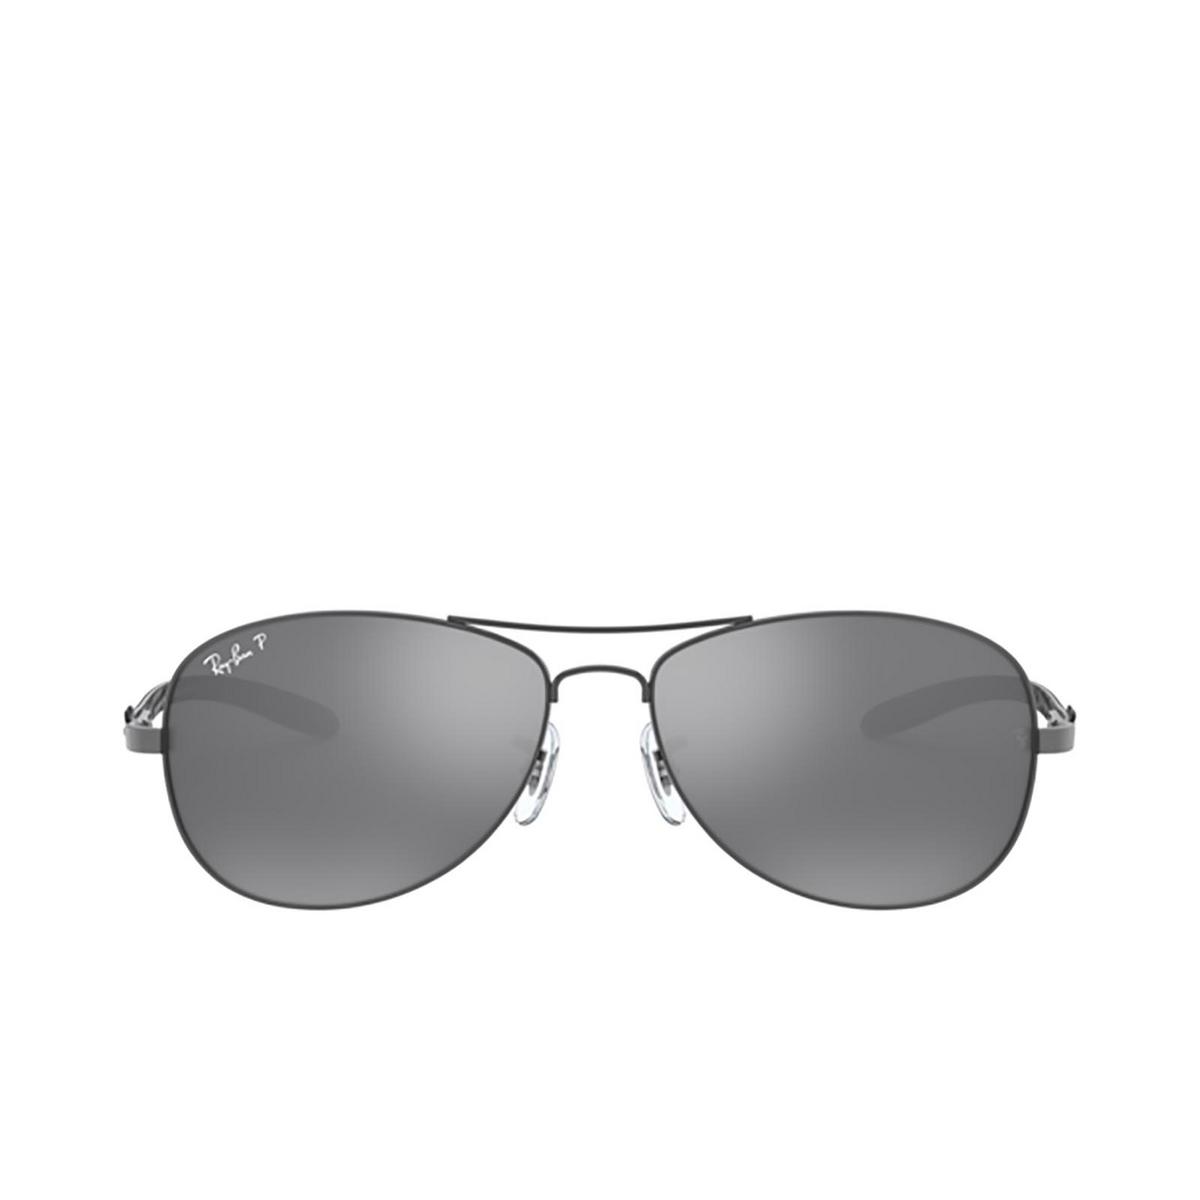 Ray-Ban® Aviator Sunglasses: RB8301 color Shiny Gunmetal 004/K6 - 1/3.